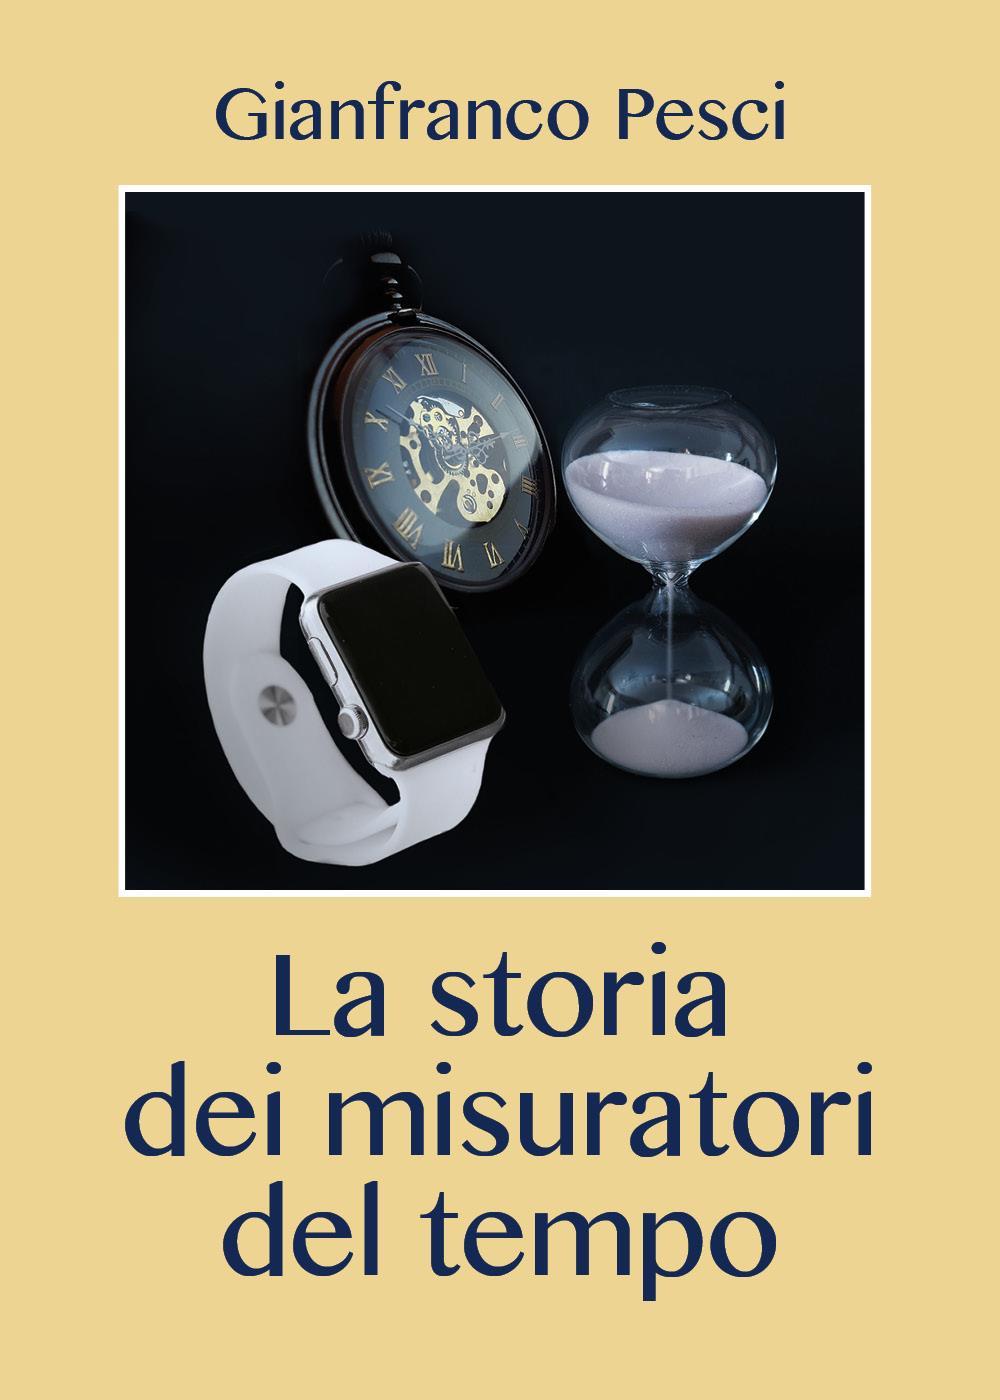 La storia dei misuratori del tempo